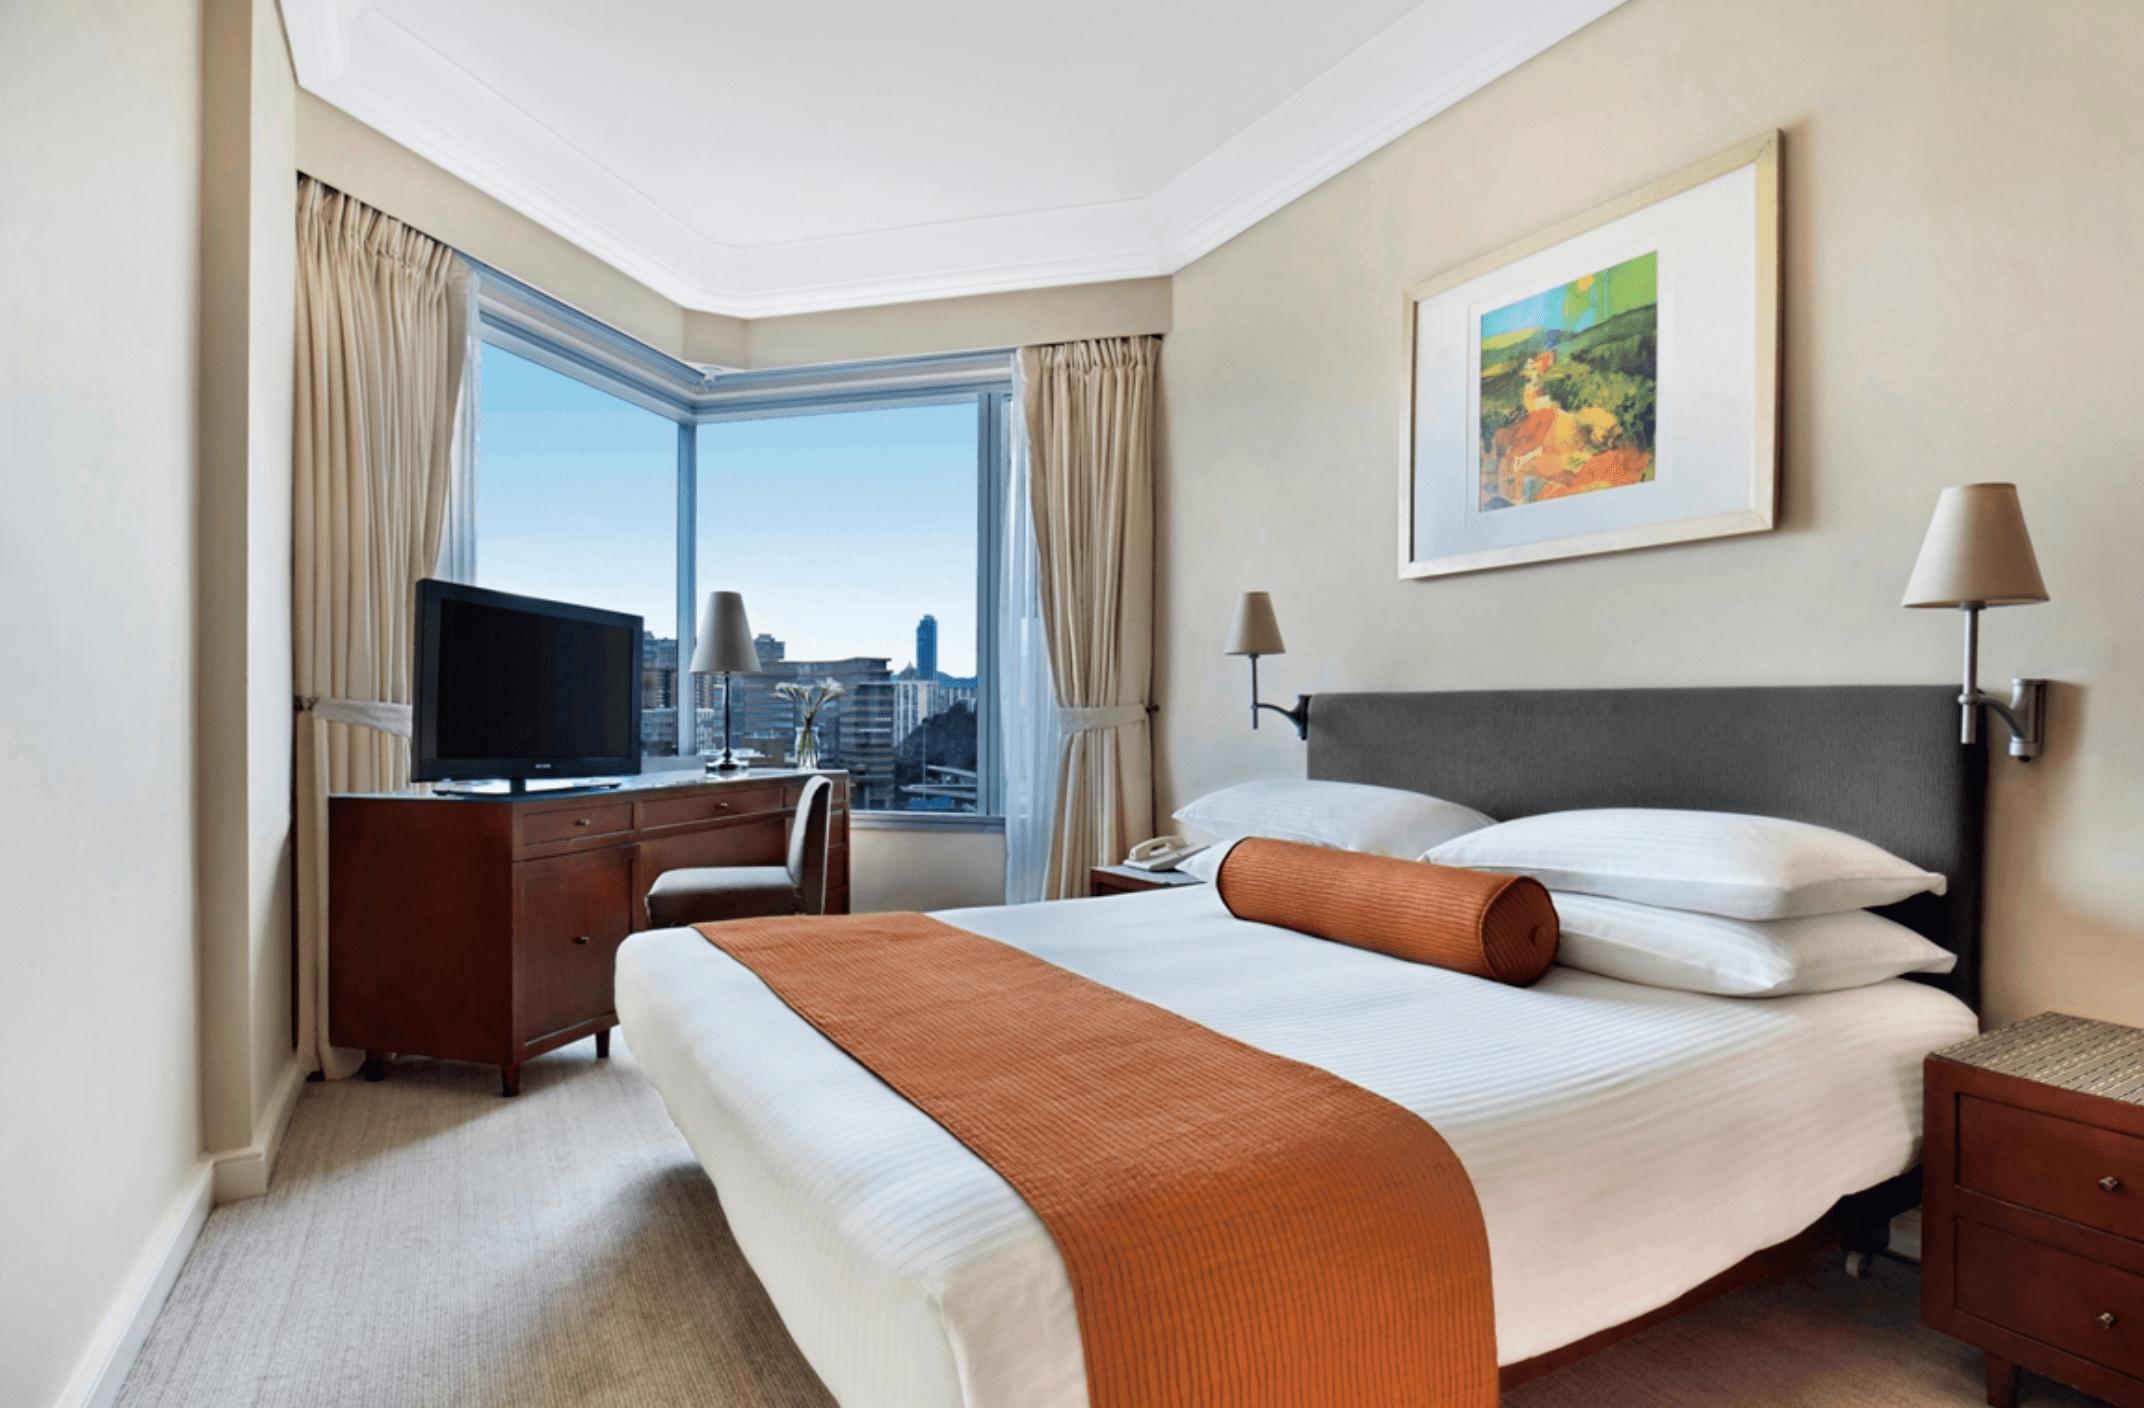 都會海逸酒店 Harbour Plaza Metropolis-高級客房 4h|入住即送4小時泊車